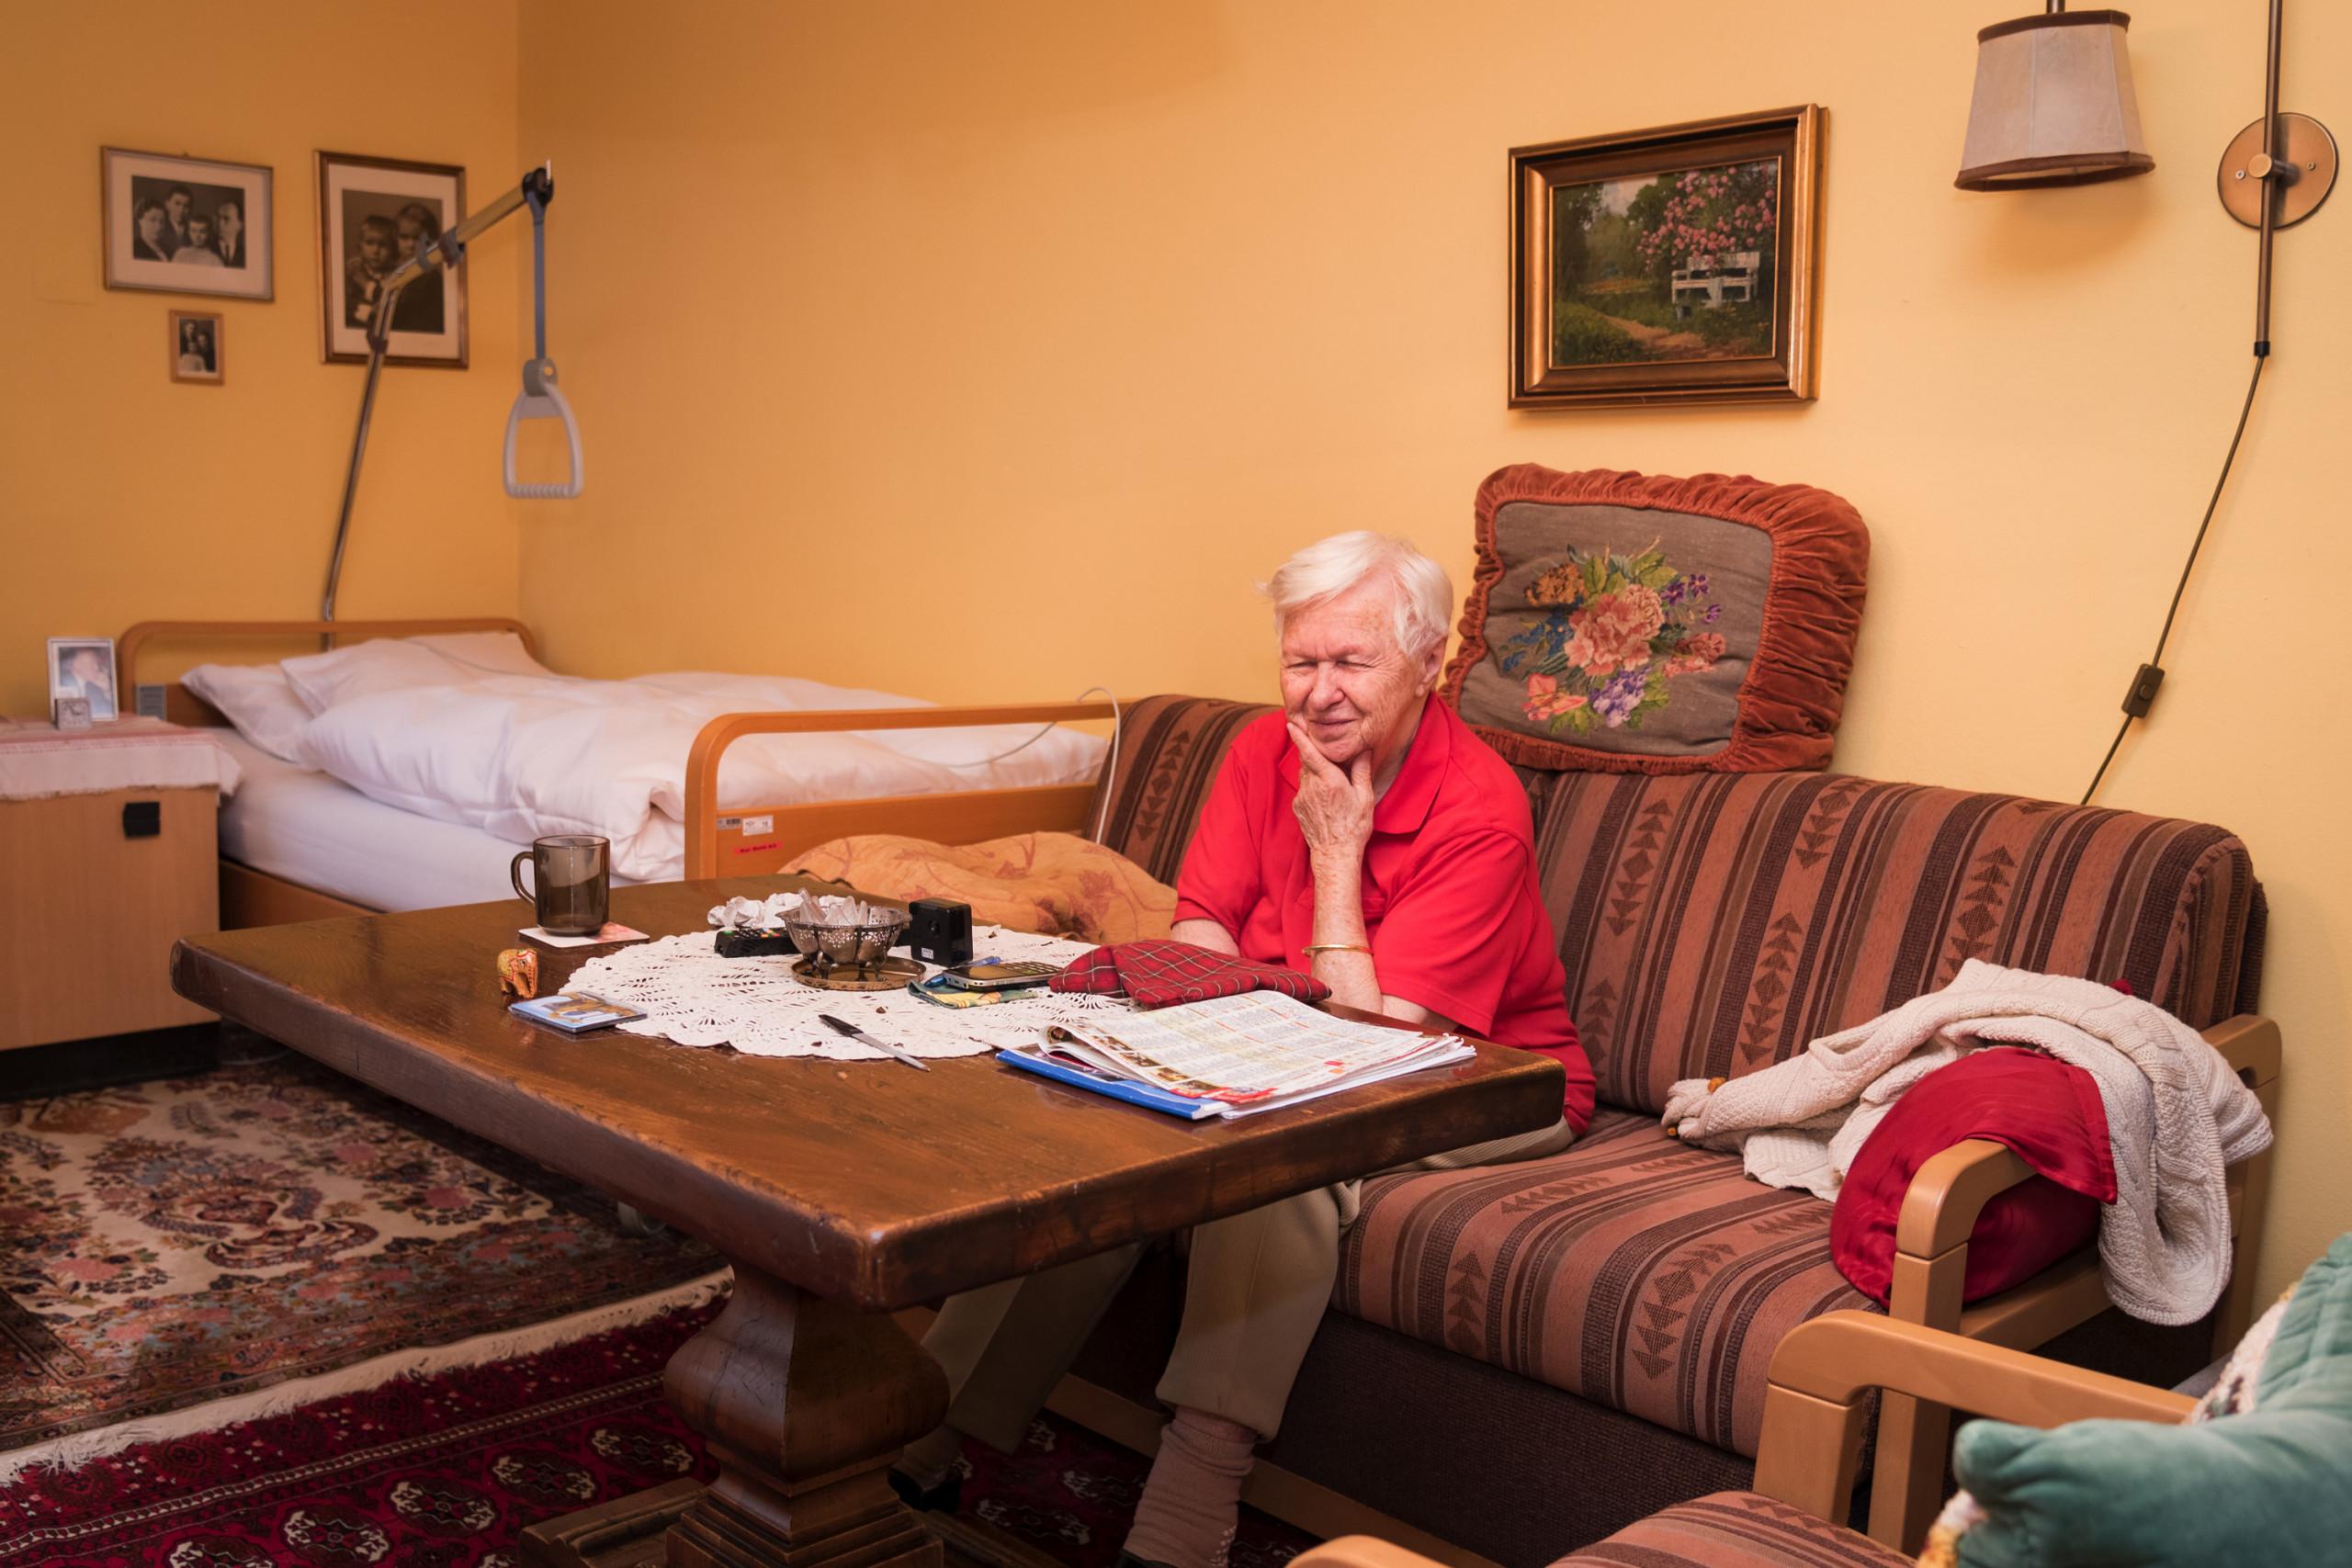 Bewohnerin im Einzelzimmer der ÖJAB-SeniorInnenwohnanlage Aigen.